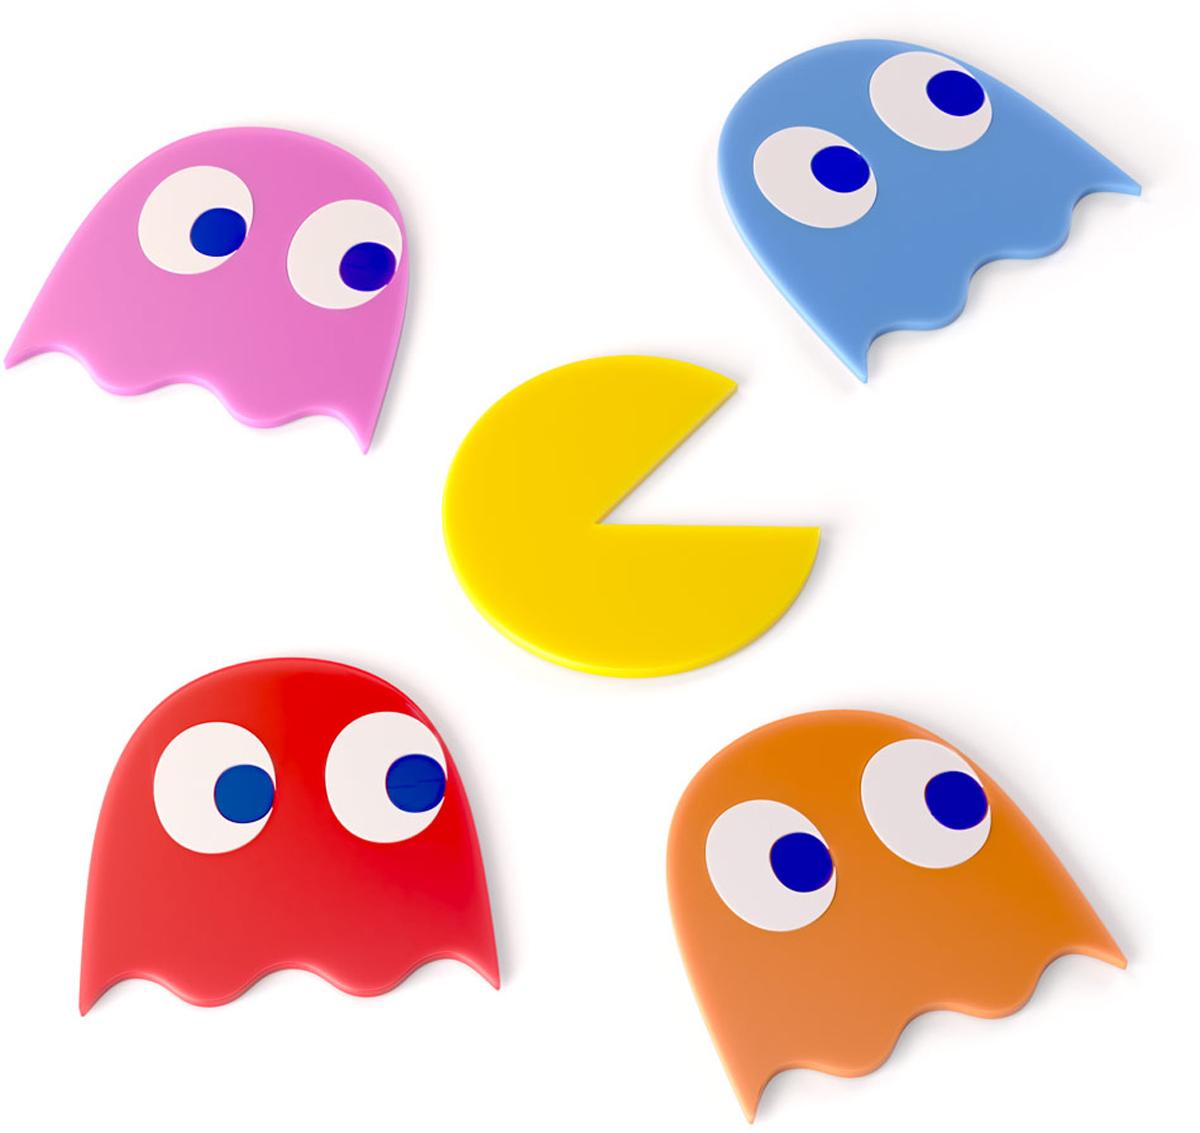 Подставка под стаканы Balvi Pac-Man, 5 шт26499Милые забавные подставки под стаканы Pac-Man изготовлены в виде героев одноименной игры. В комплект входит 5 штук - это 4 приведения разного цвета, и непосредственно главный герой Pac-Man, так что подставок вполне хватит на всю семью. Ими удобно пользоваться, они изготовлены из ПВХ, поэтому долговечны, выдержат огромное количество моек любым средством. На столе они не будут скользить, поэтому можно не переживать, что ребенок случайно опрокинет компот. Такие подставки подойдут как под обычные чашки, так и под изящные стаканы.- В комплекте 5 штук.- Не требуют особого ухода - моются любым средством.- Подходят под любые стаканы и чашки.